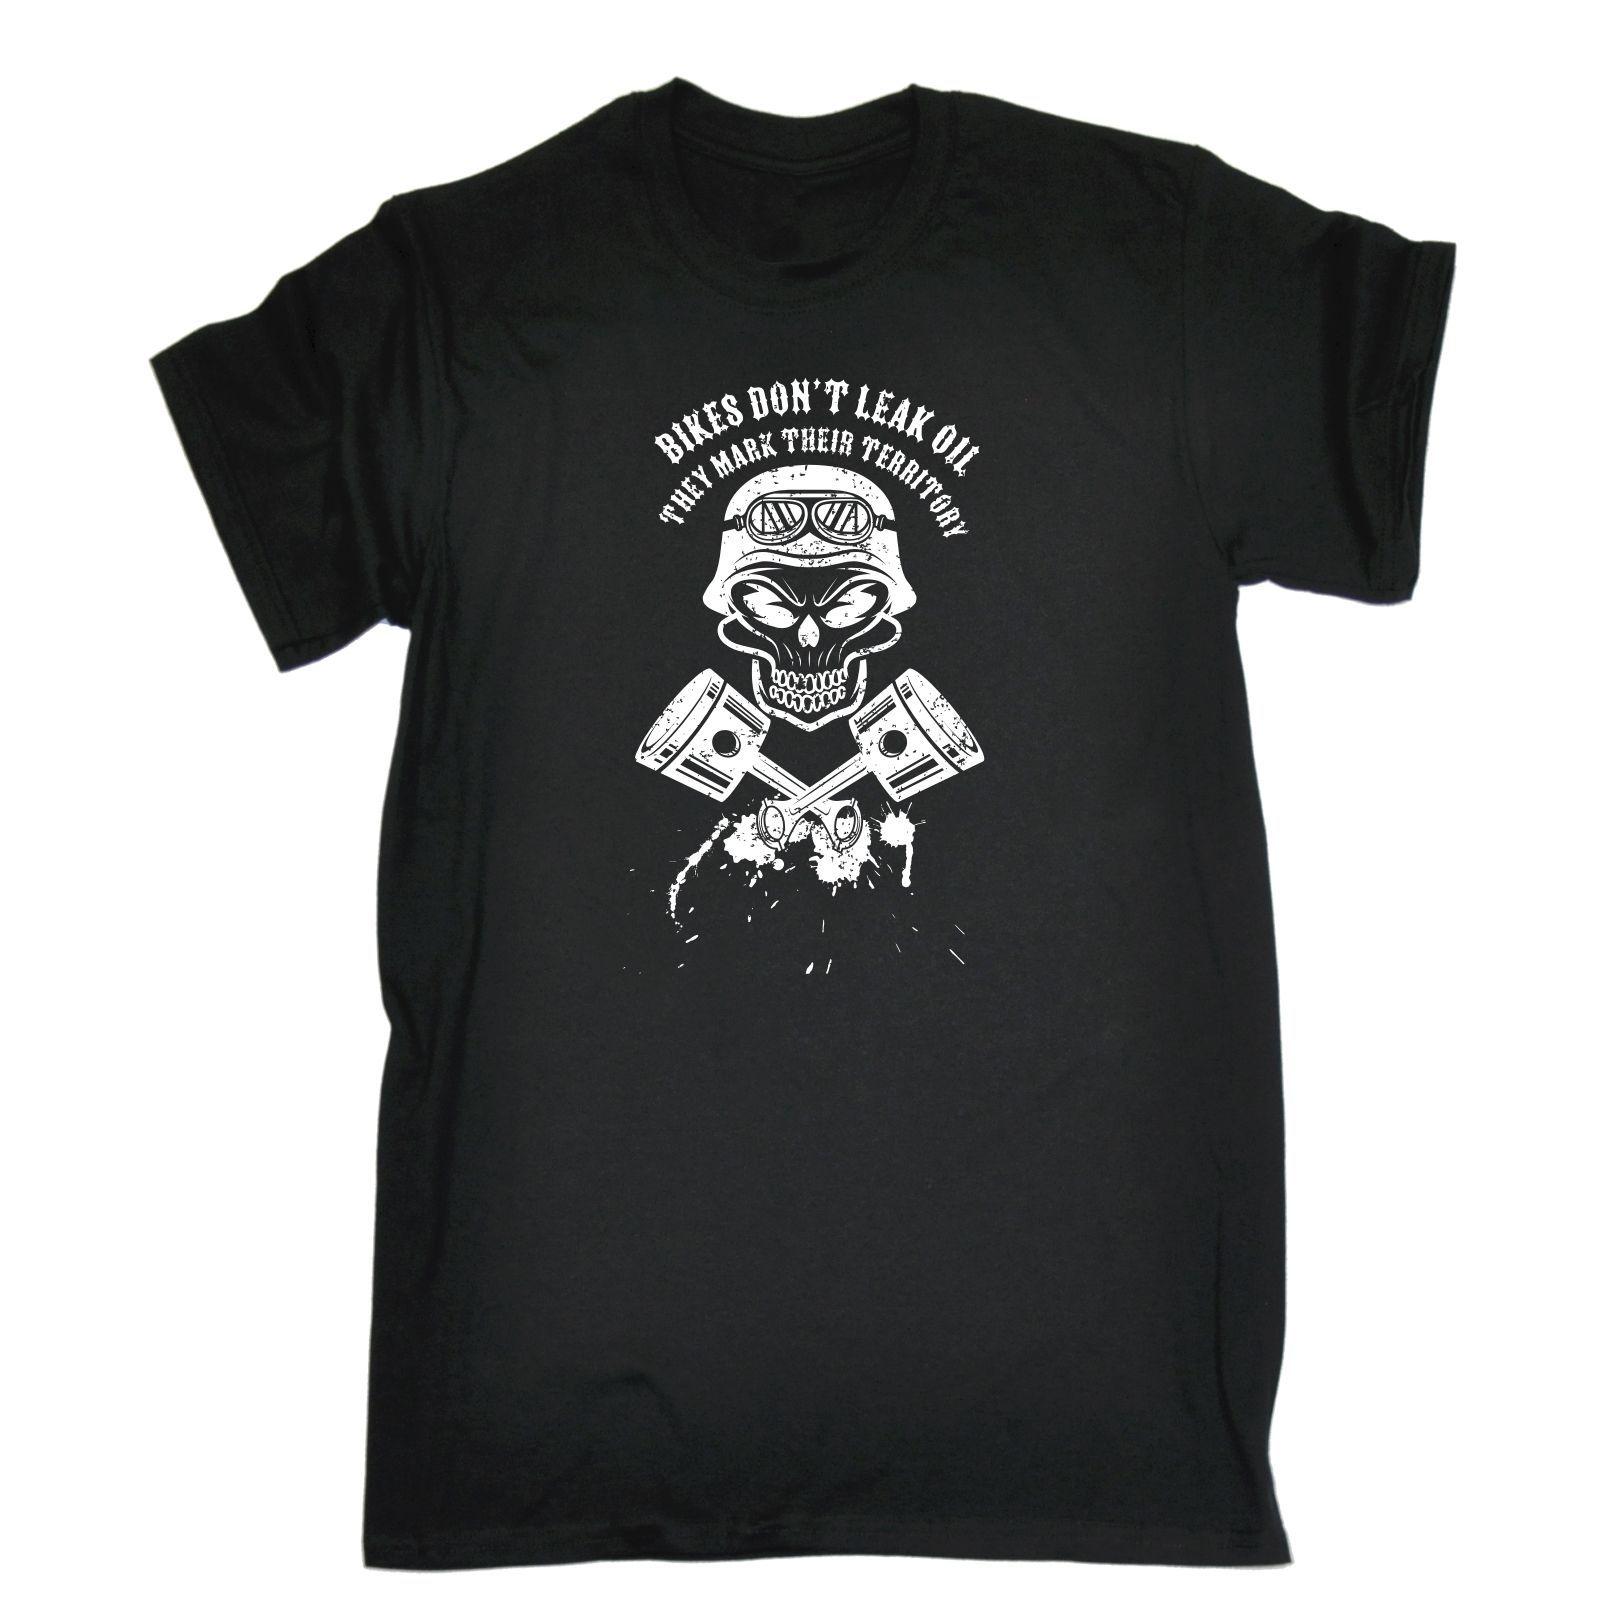 Moda-Bisikletler Sızıntı Dont Yağ Işareti Bölge T-shirt İndirim Gaz Komik Doğum Günü Hediye 2019 Yeni Saf Pamuk Kısa Kollu Hip Hop Moda